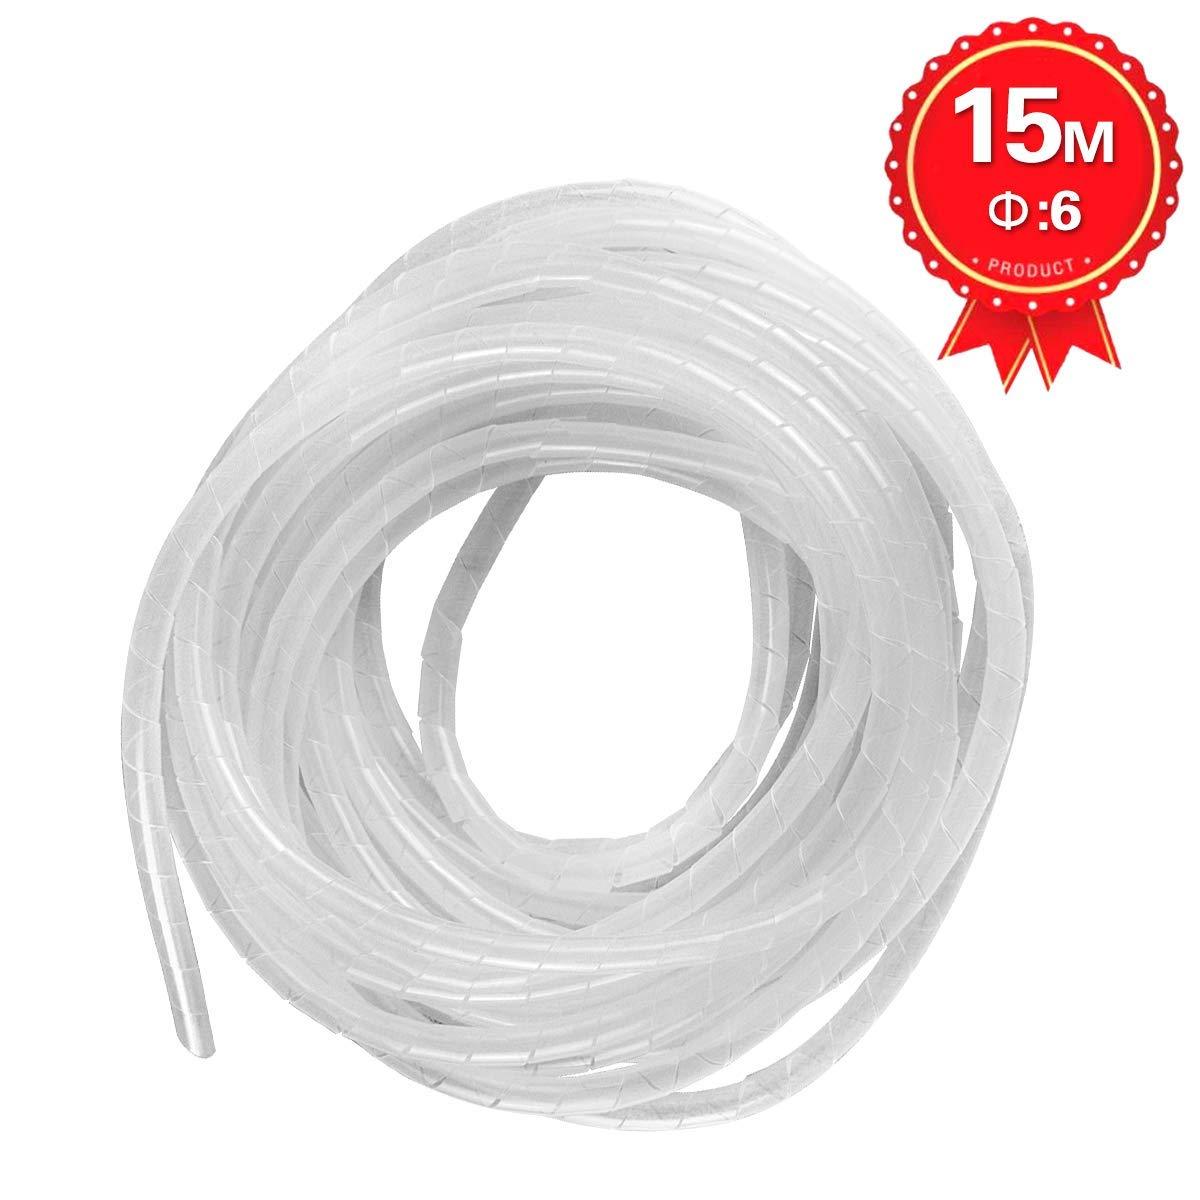 Kit de C/âble Rangement de Tube dEnroulement de C/âble en Spirale pour Prot/éger le C/âble dAntenne TV//PC//USB//T/él/é//AUX- GTIWUNG Gaine Spirale Flexible Universel 6mm 15m Blanc